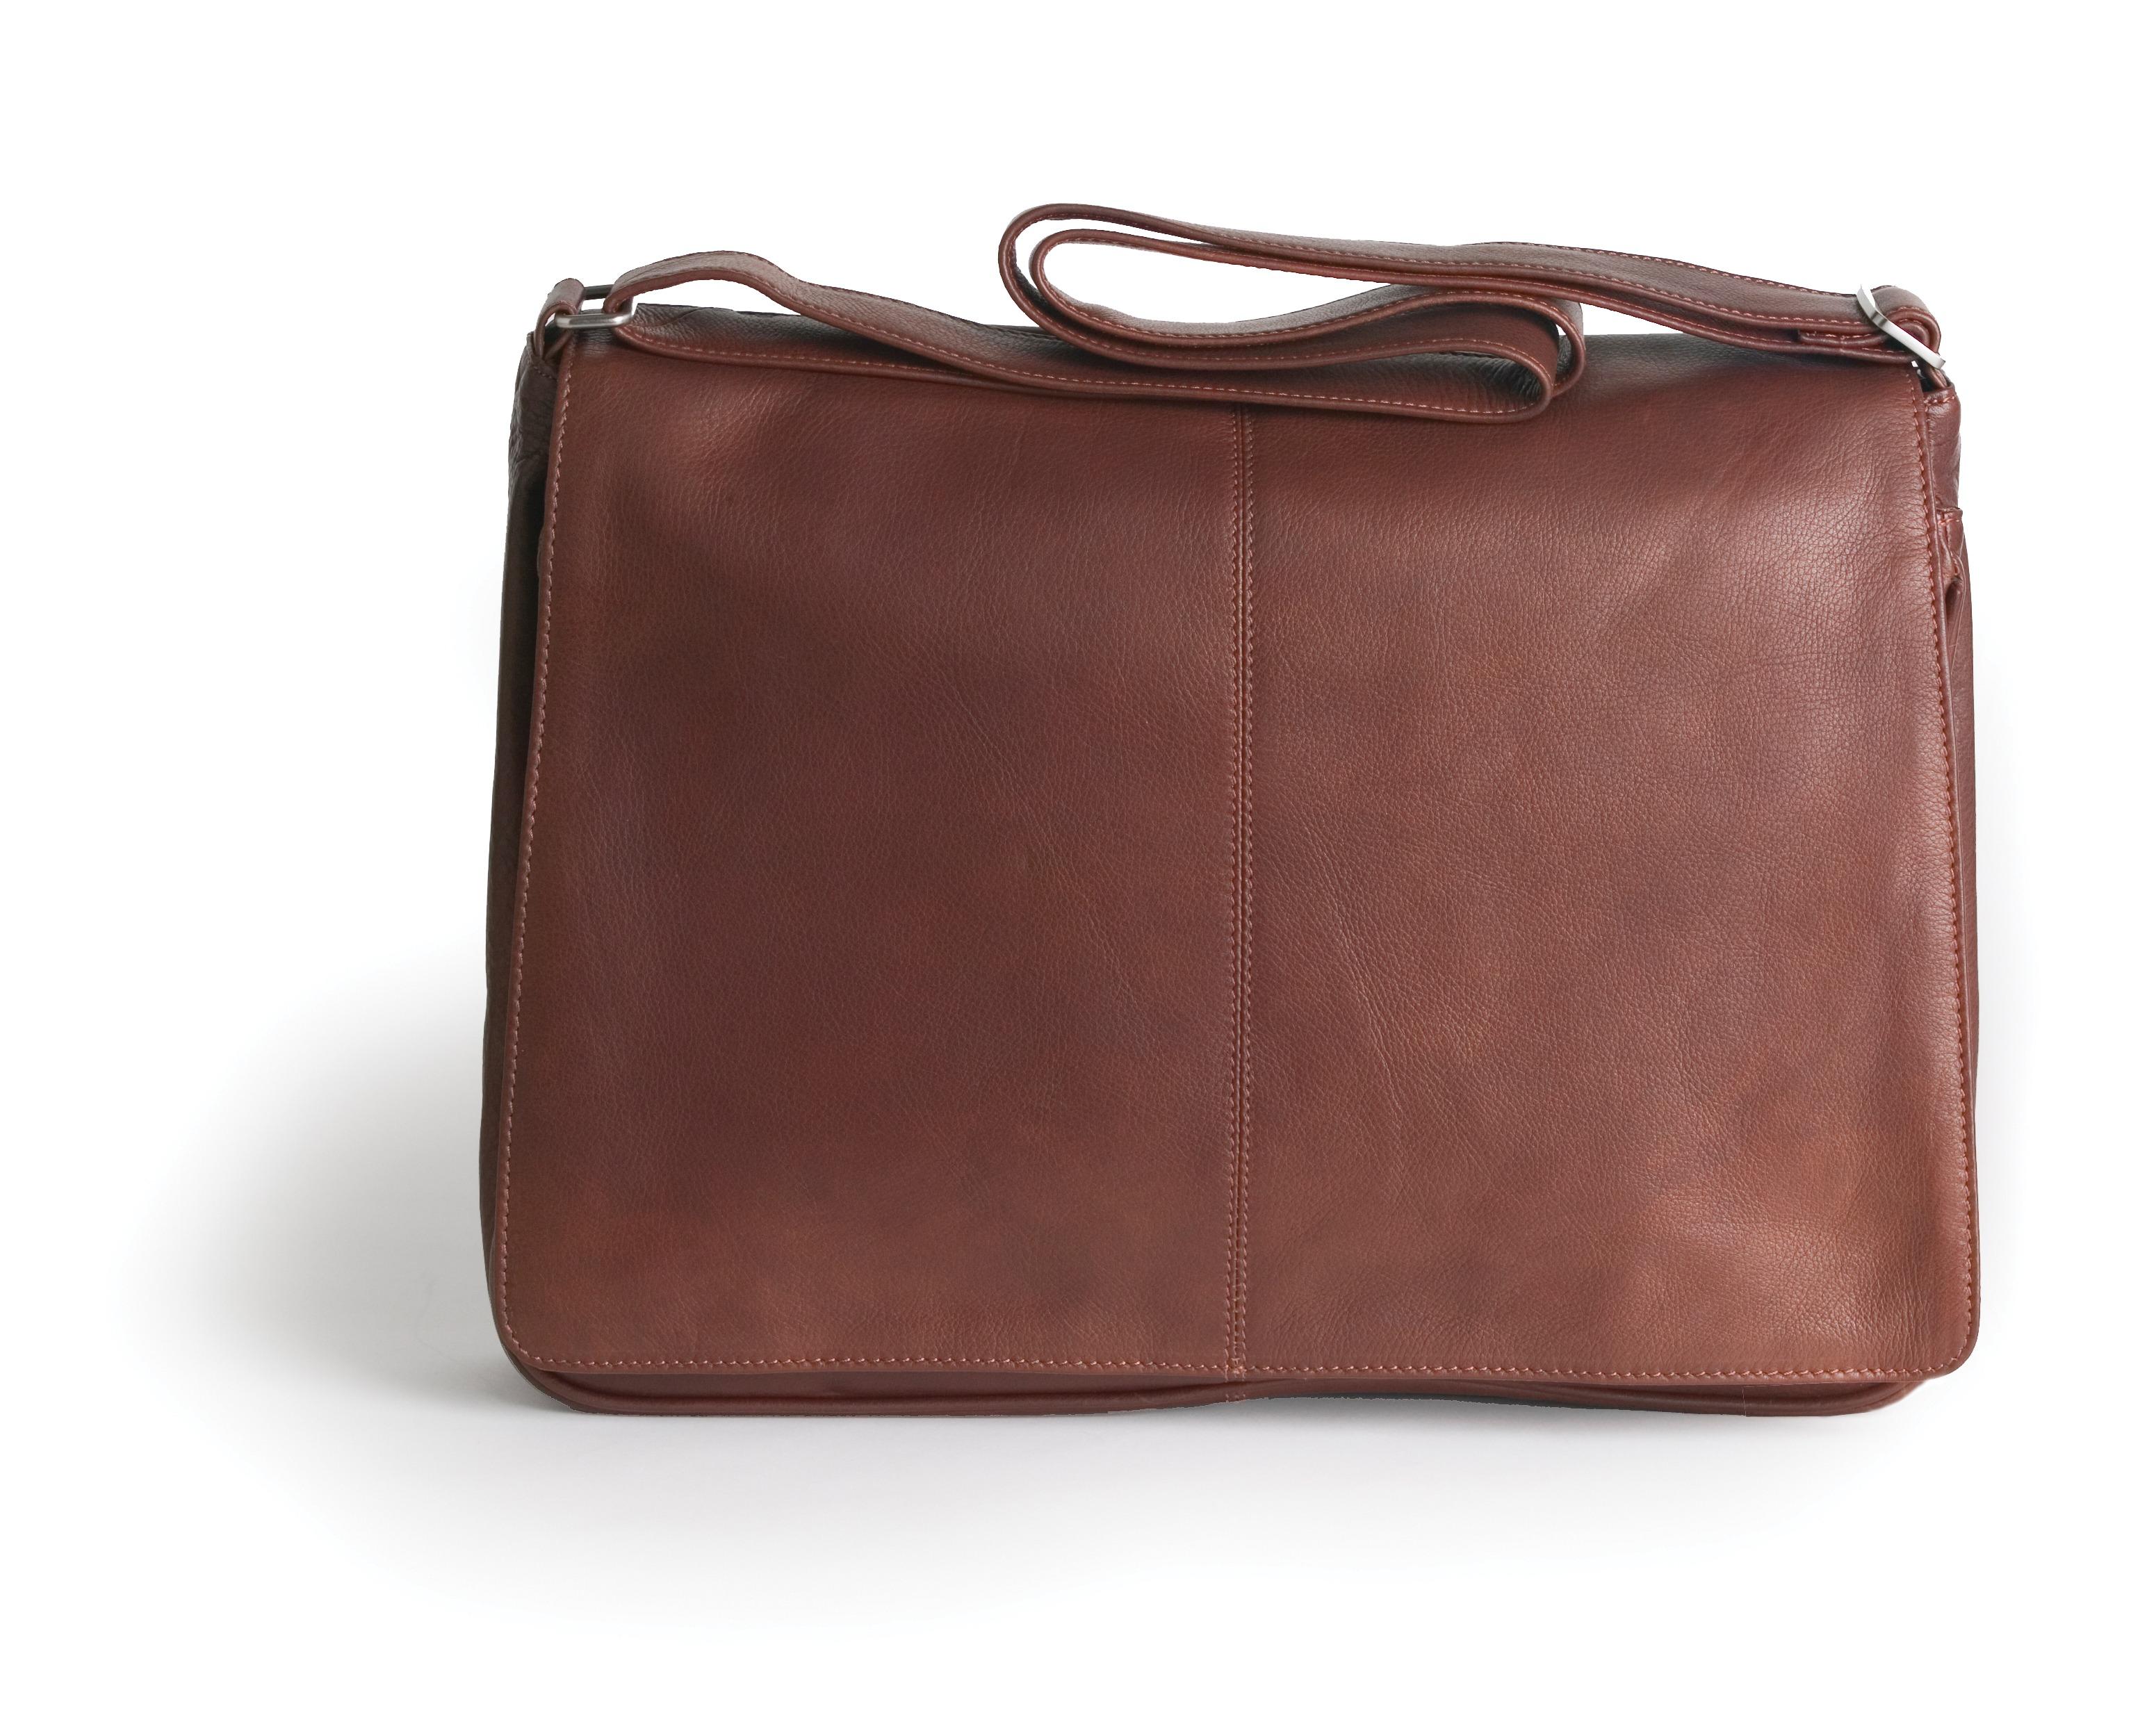 Osgoode Marley #6008 Messenger Bag